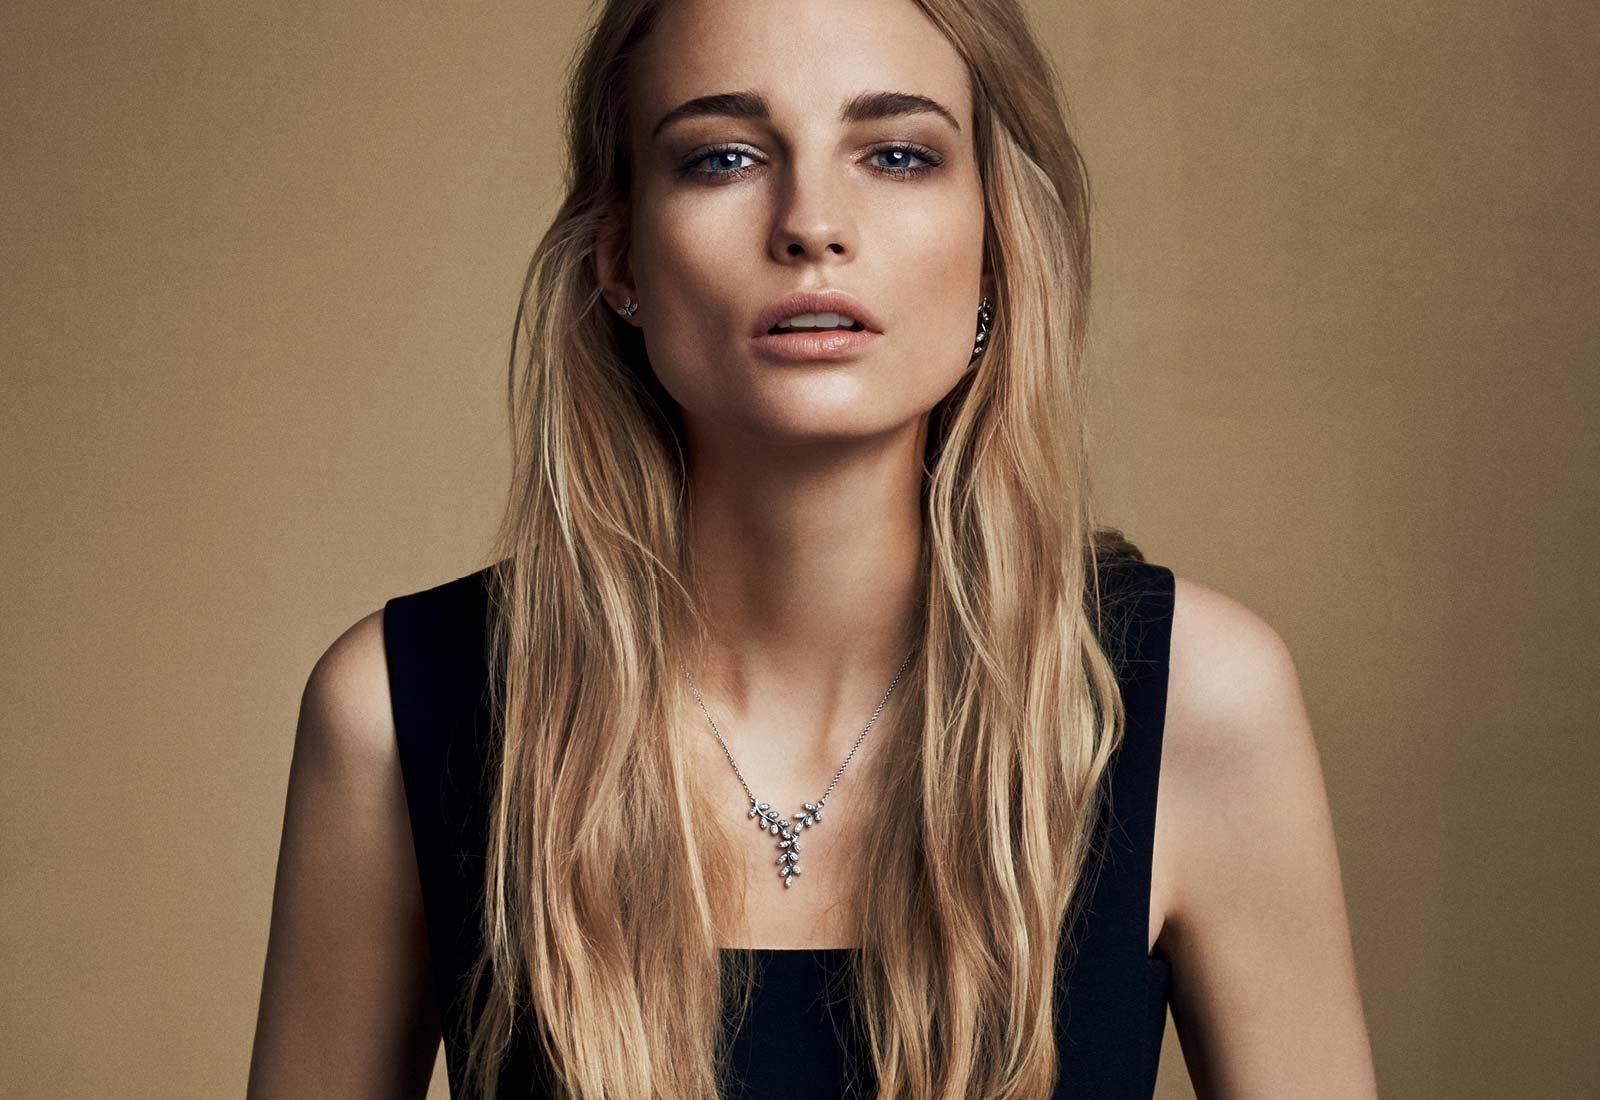 Diventa splendida indossando uno dei migliori gioielli Pandora - Diventa splendida indossando uno dei migliori gioielli Pandora più alla moda del momento